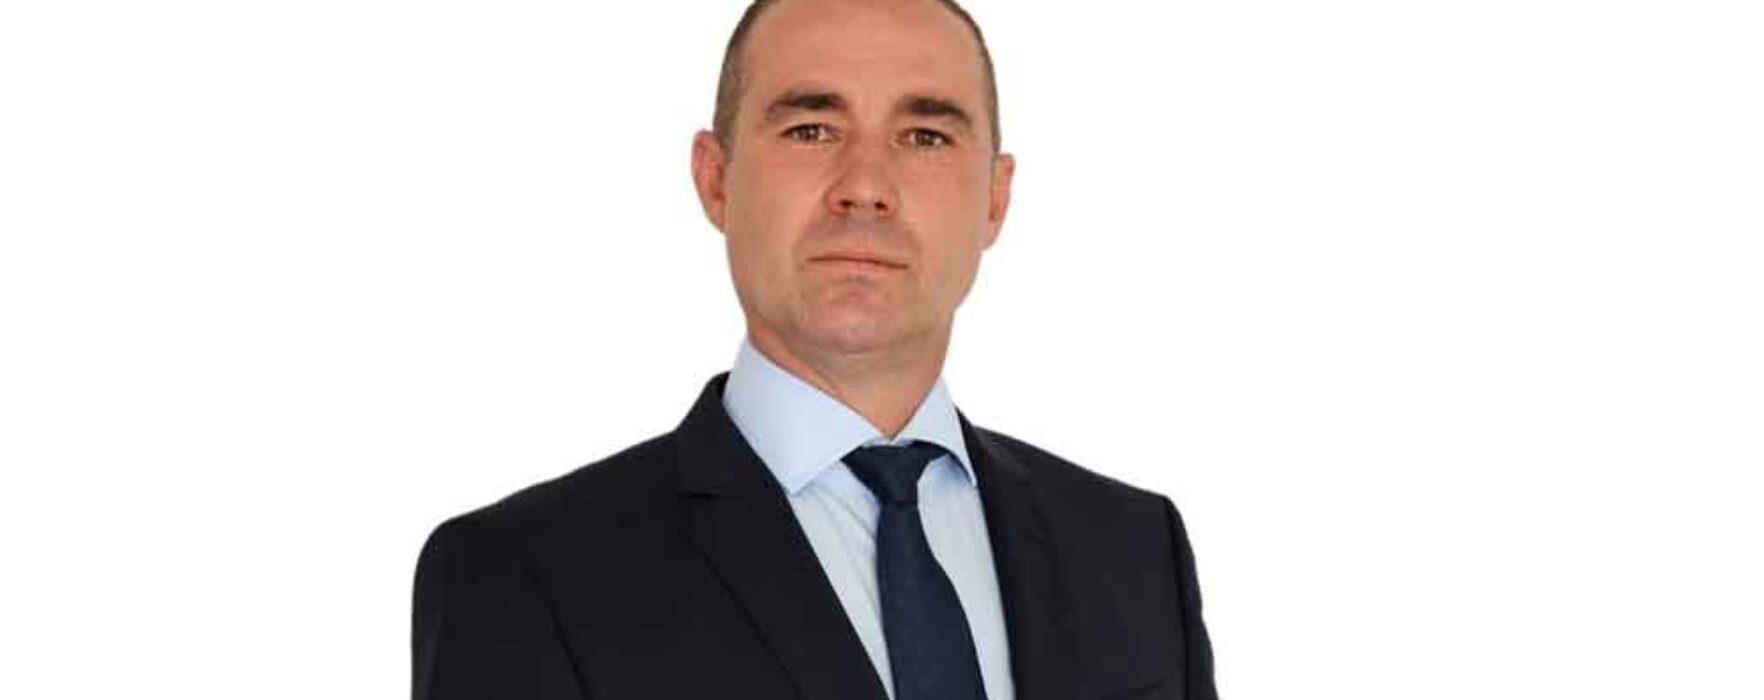 Dâmboviţa: Primarul din Dobra susţine că a fost bătut de persoane care aruncă deşeuri pe spaţiul public